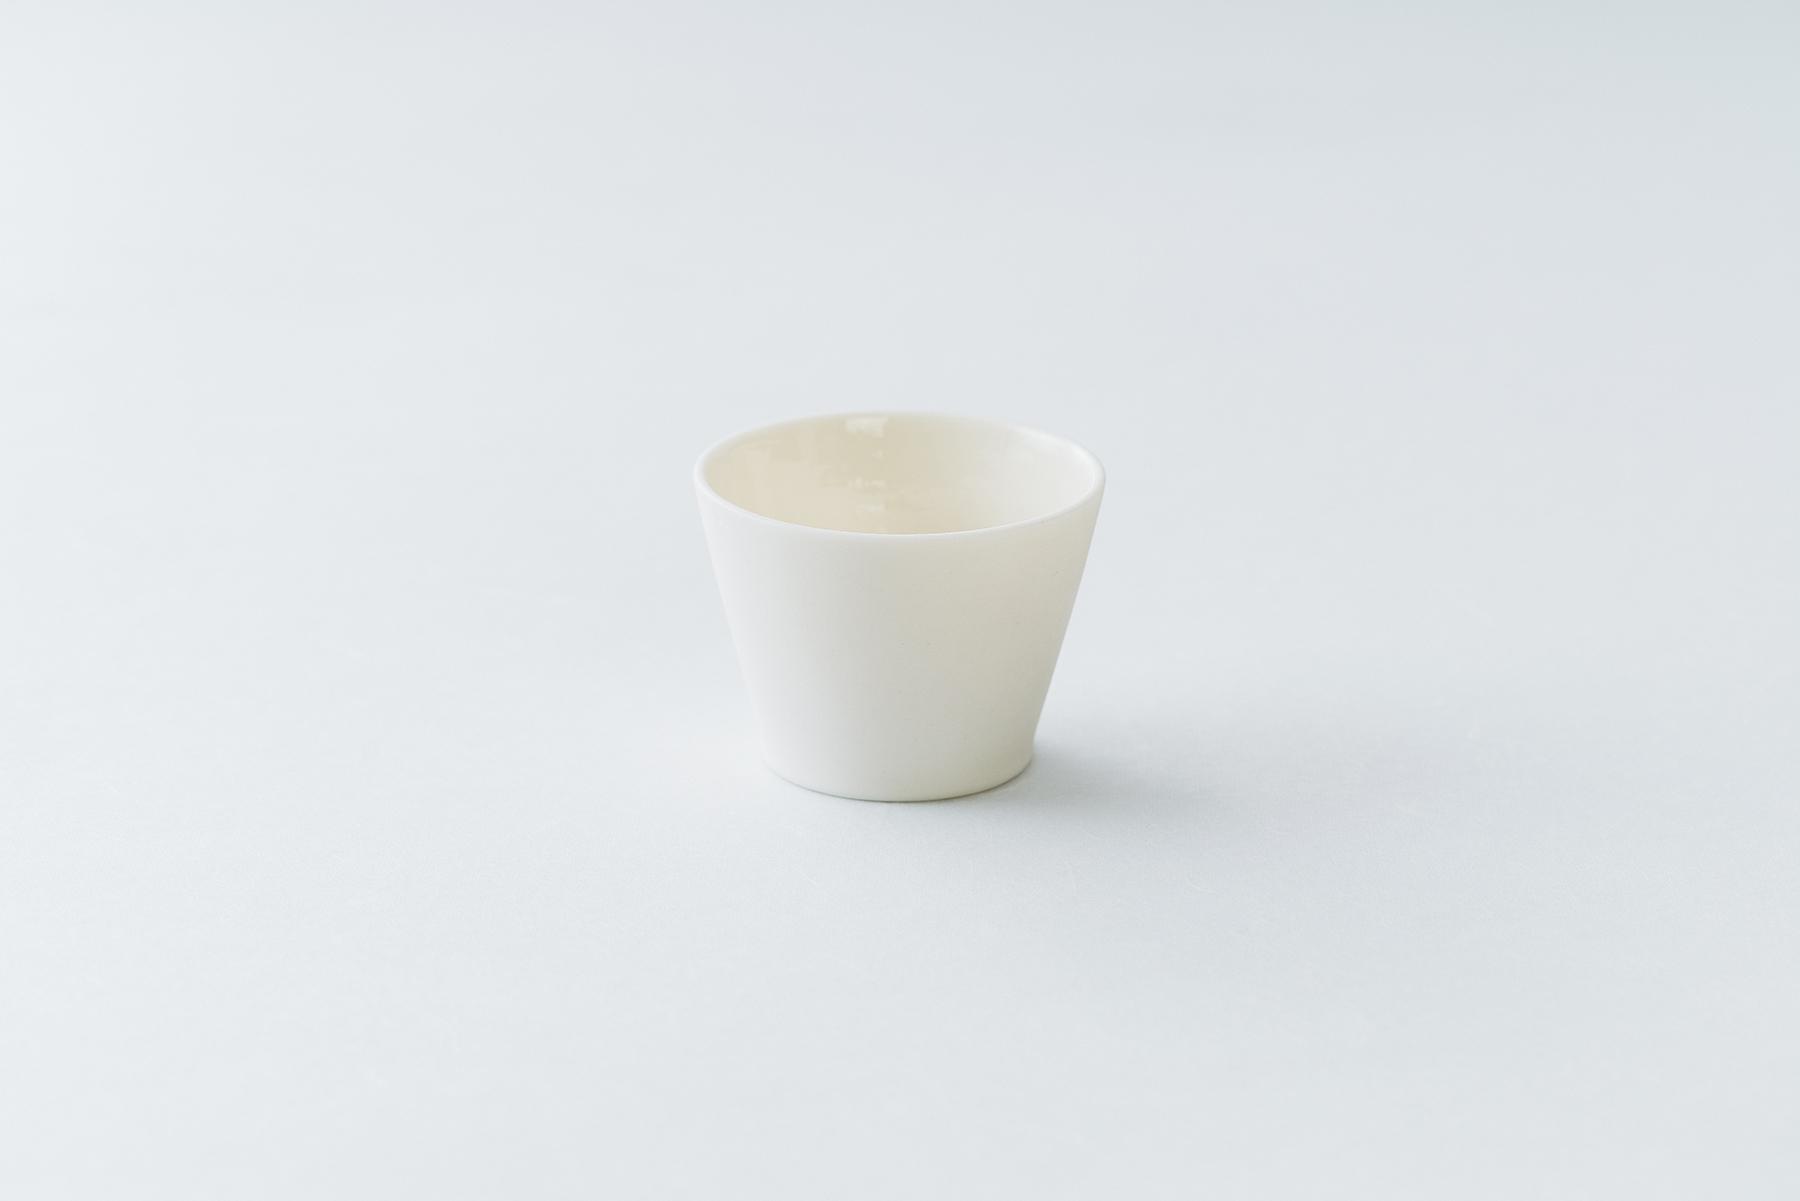 信楽透器 sake glass